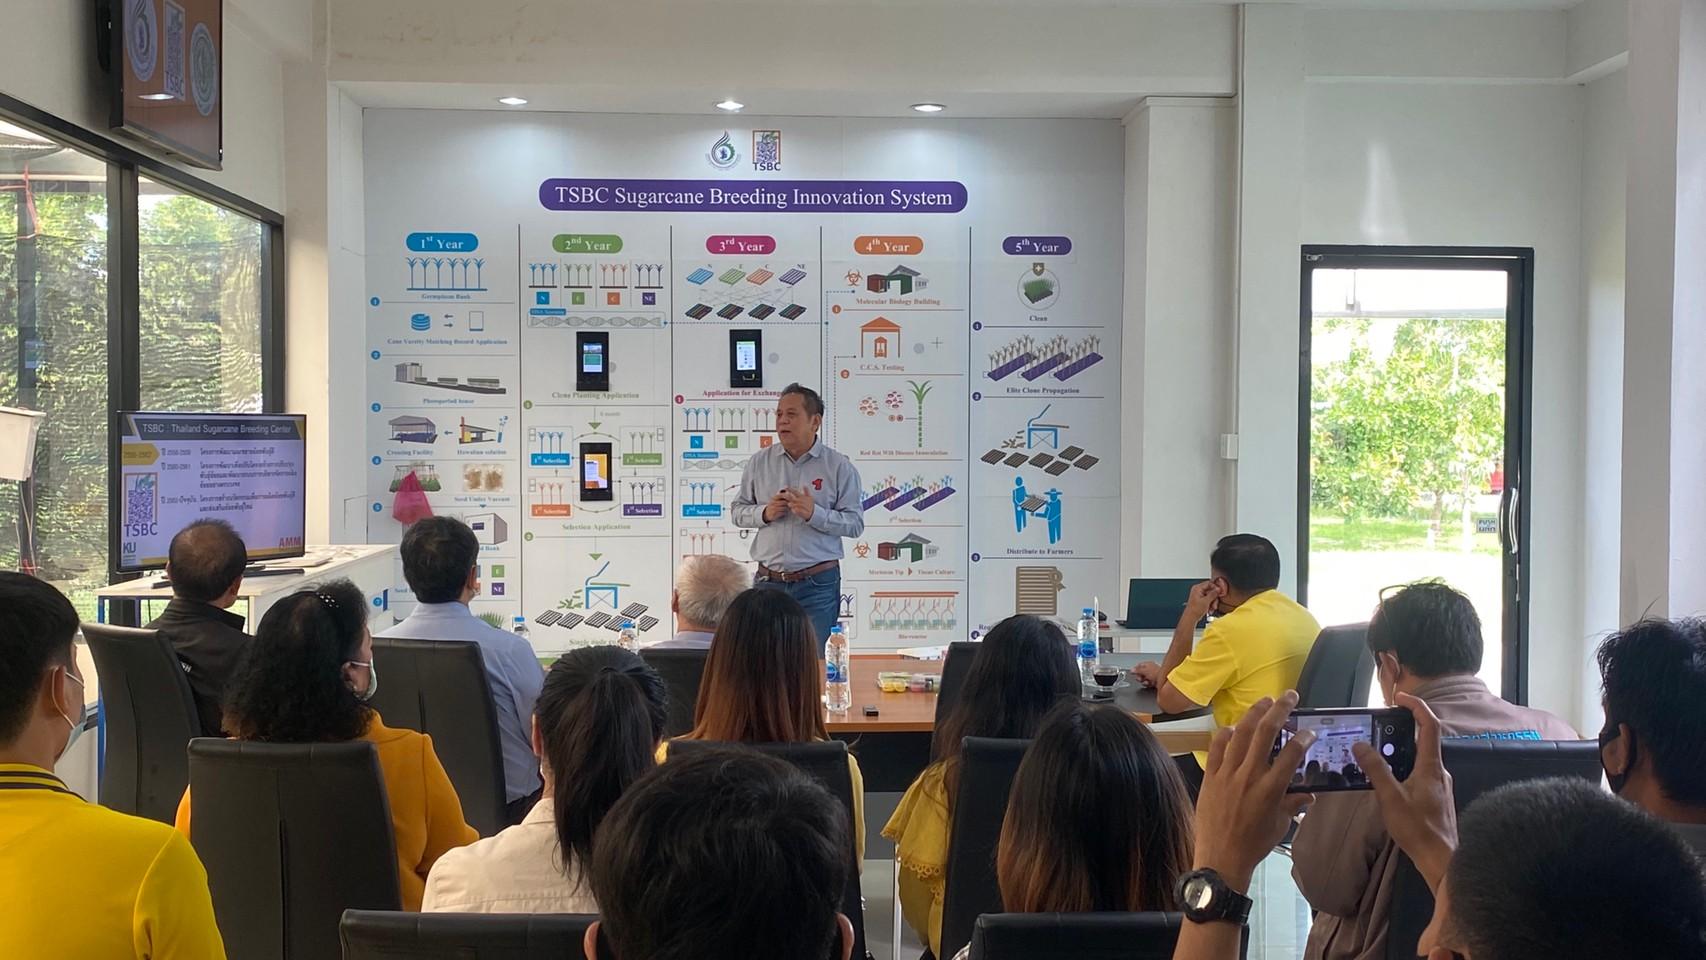 เมื่อวันที่ 31 กรกฎาคม พ.ศ.2563 คณะกรรมการการตรวจสอบและประเมินผลภาคราชการ (ค.ต.ป.) กระทรวงอุตสาหกรรม ดำเนินการเข้าตรวจราชการของศูนย์การปรับปรุงพันธุ์อ้อยแห่งประเทศไทย ศูนย์ส่งเสริมอุตสาหกรรมอ้อยและน้ำตาลทรายภาคที่ 1 จังหวัดกาญจนบุรี